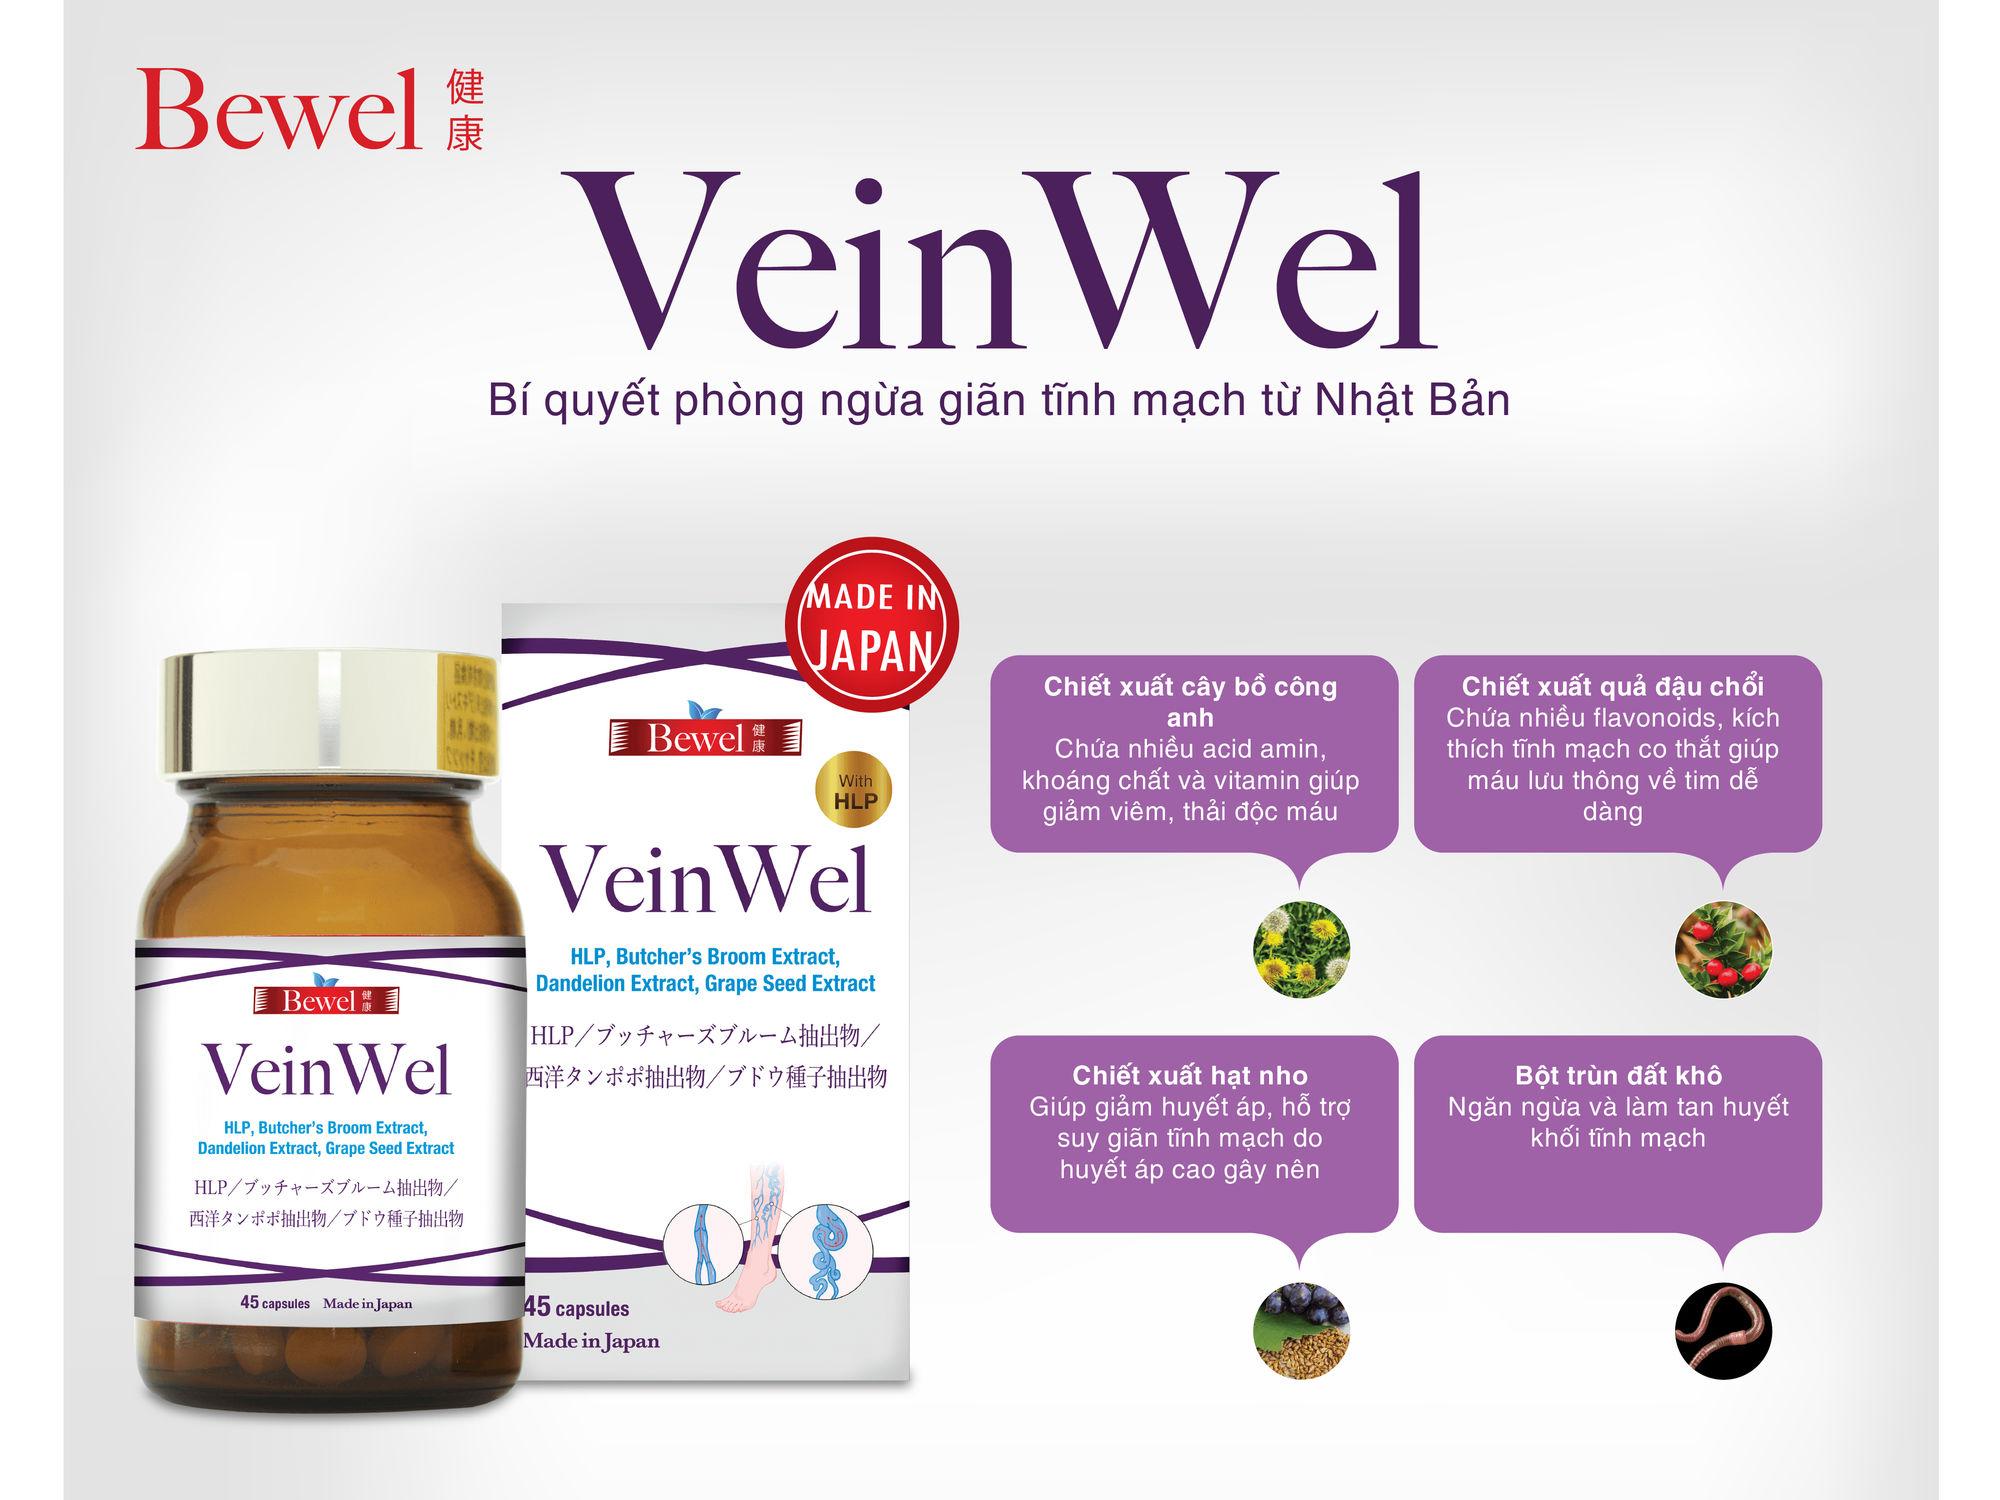 Bewel Veinwel phòng ngừa giãn tĩnh mạch